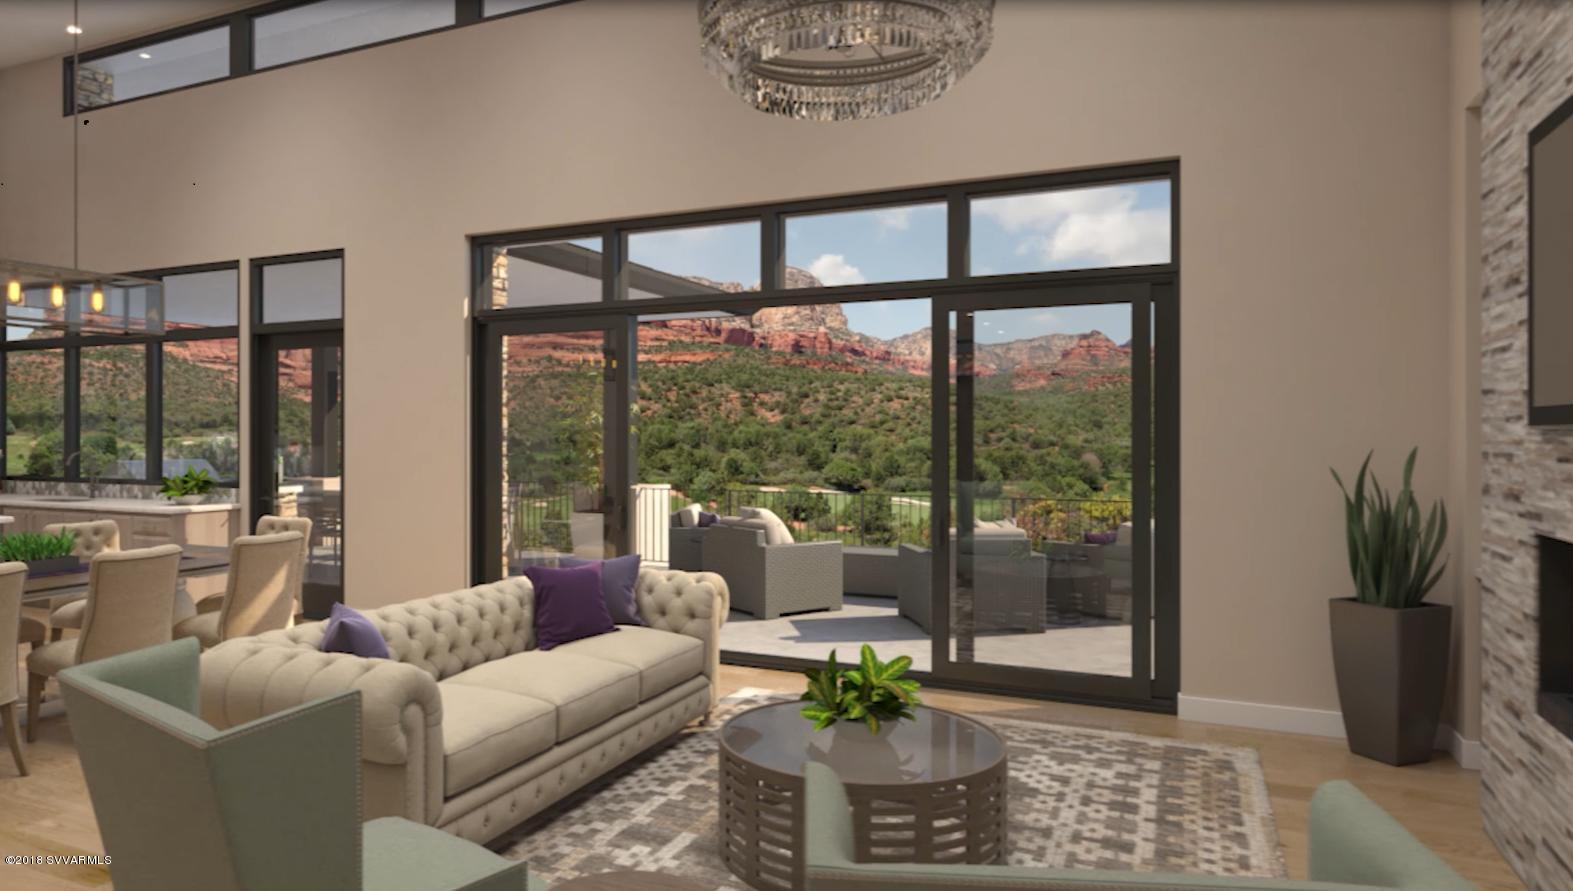 154 Fay Canyons Road UNIT Lot 21 Sedona, AZ 86336